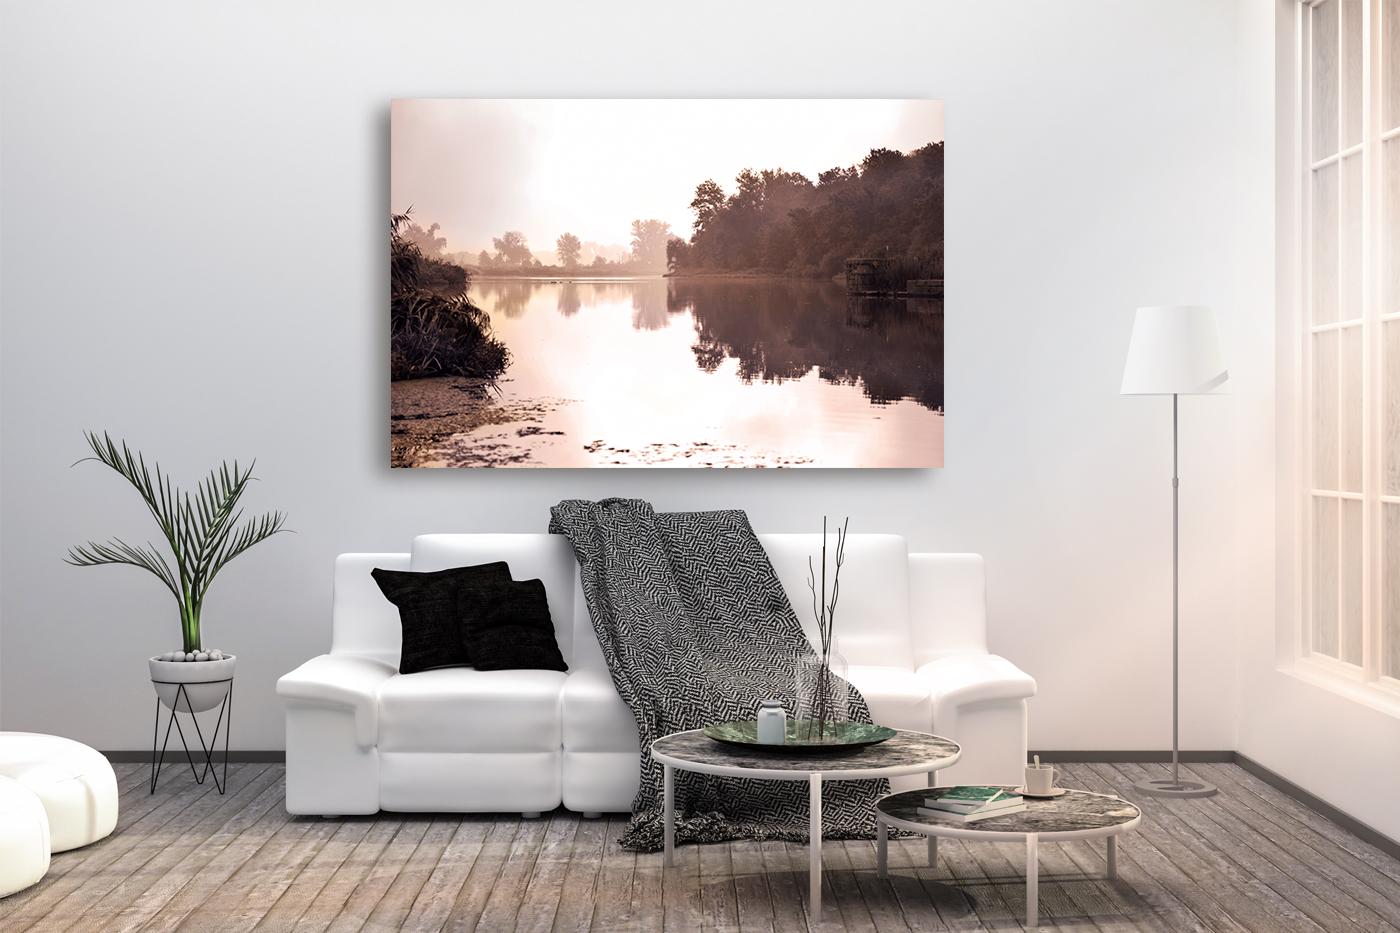 Nature photo, landscape photo, lake photo, example image 2